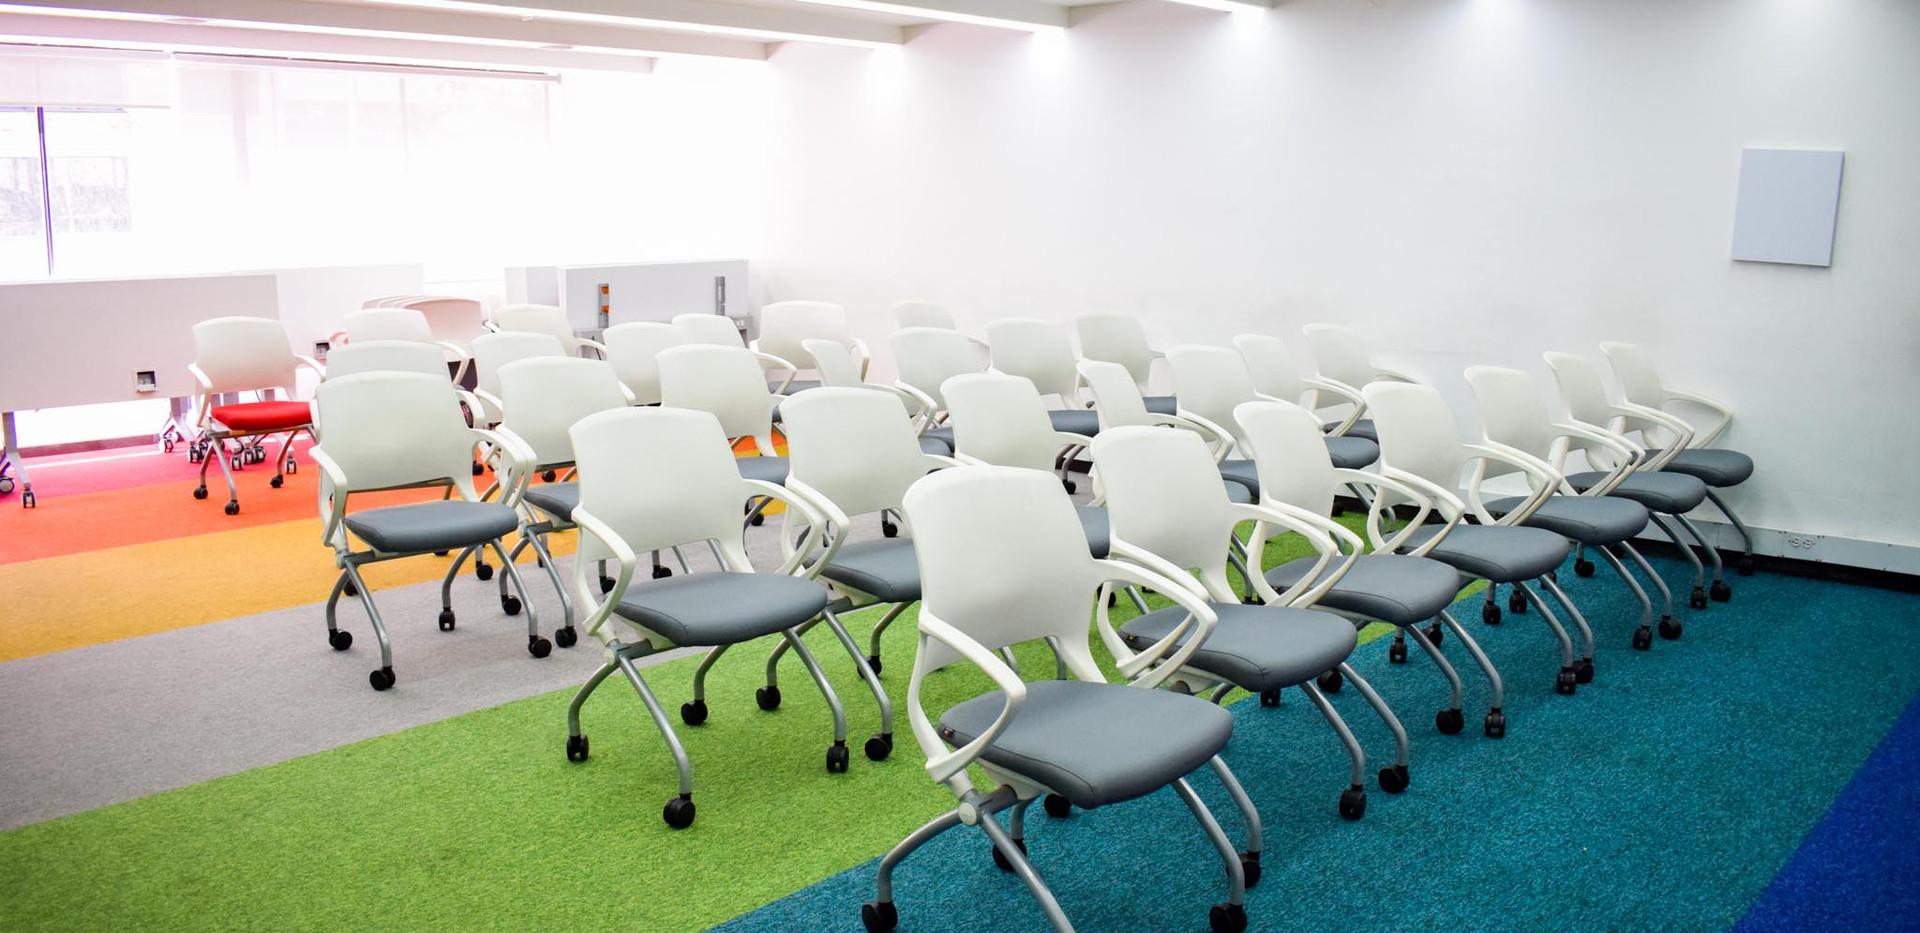 sala-de-conferencias.jpg